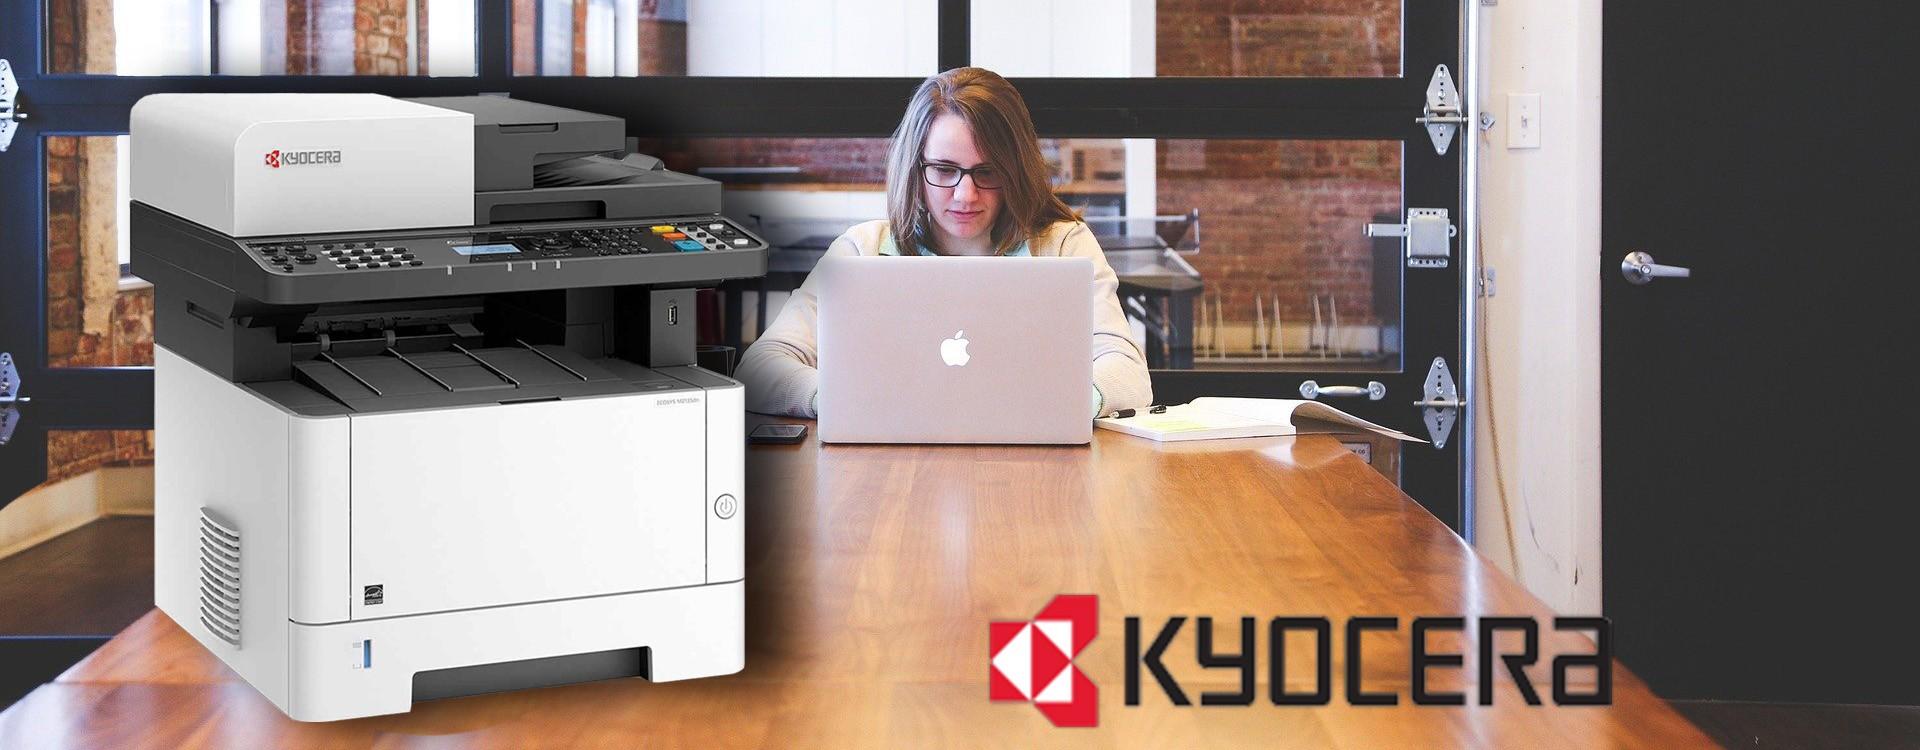 Qué tan buenas son las impresoras Kyocera?